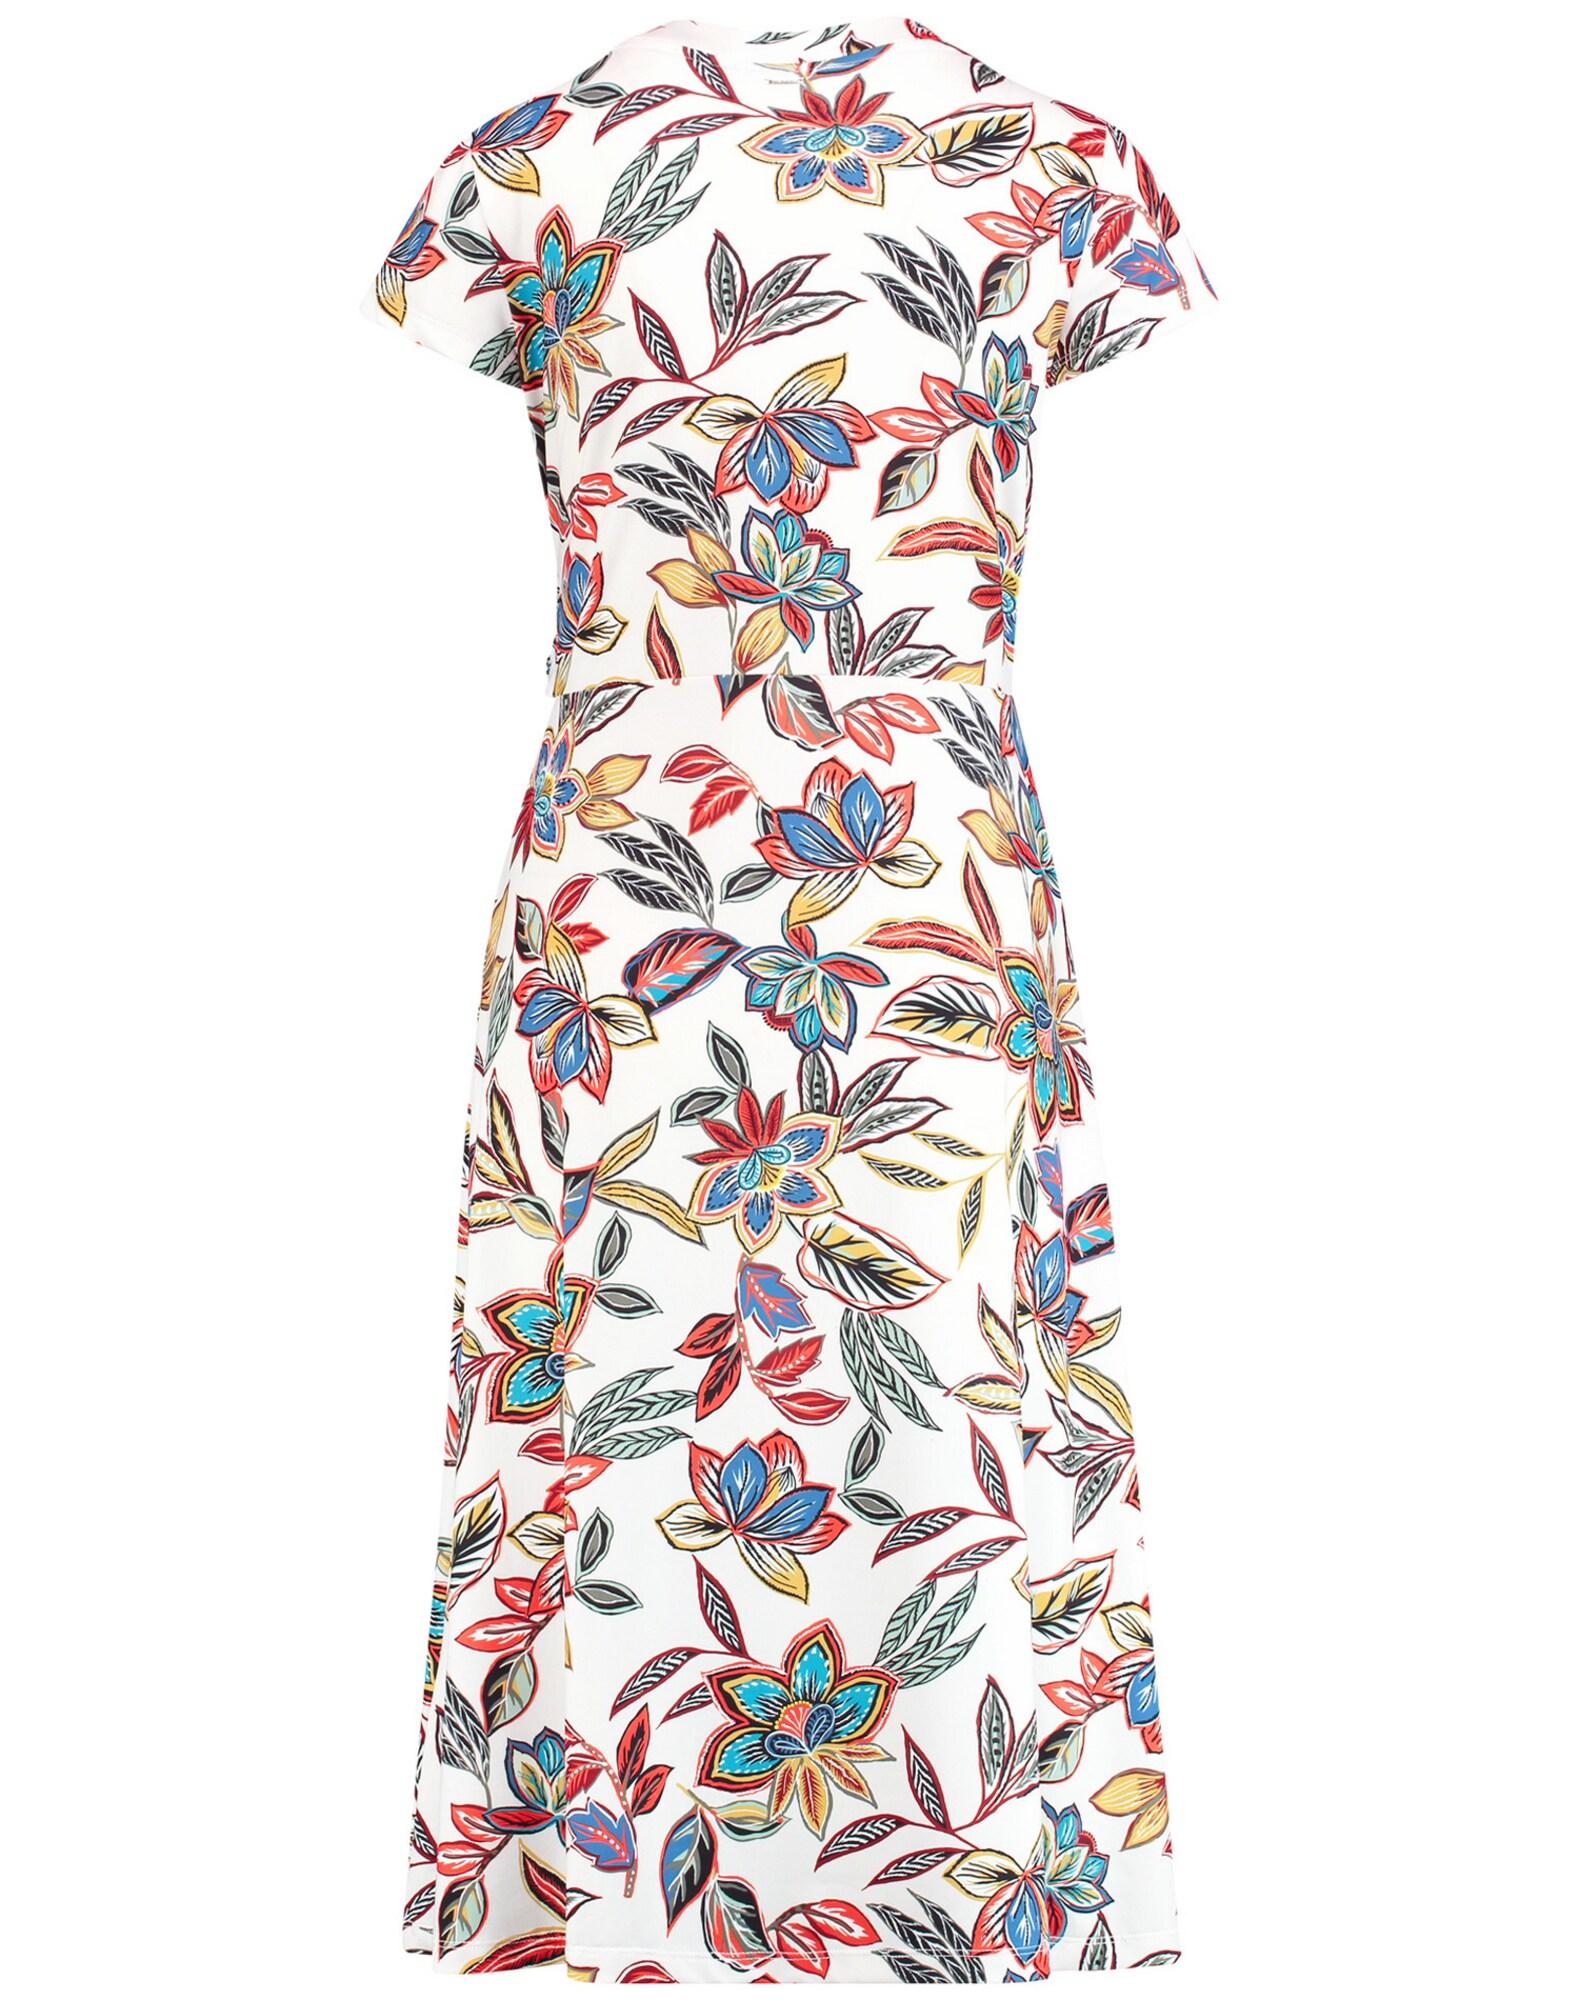 taifun - Kleid Gewirke Sommerkleid mit Blumen-Print